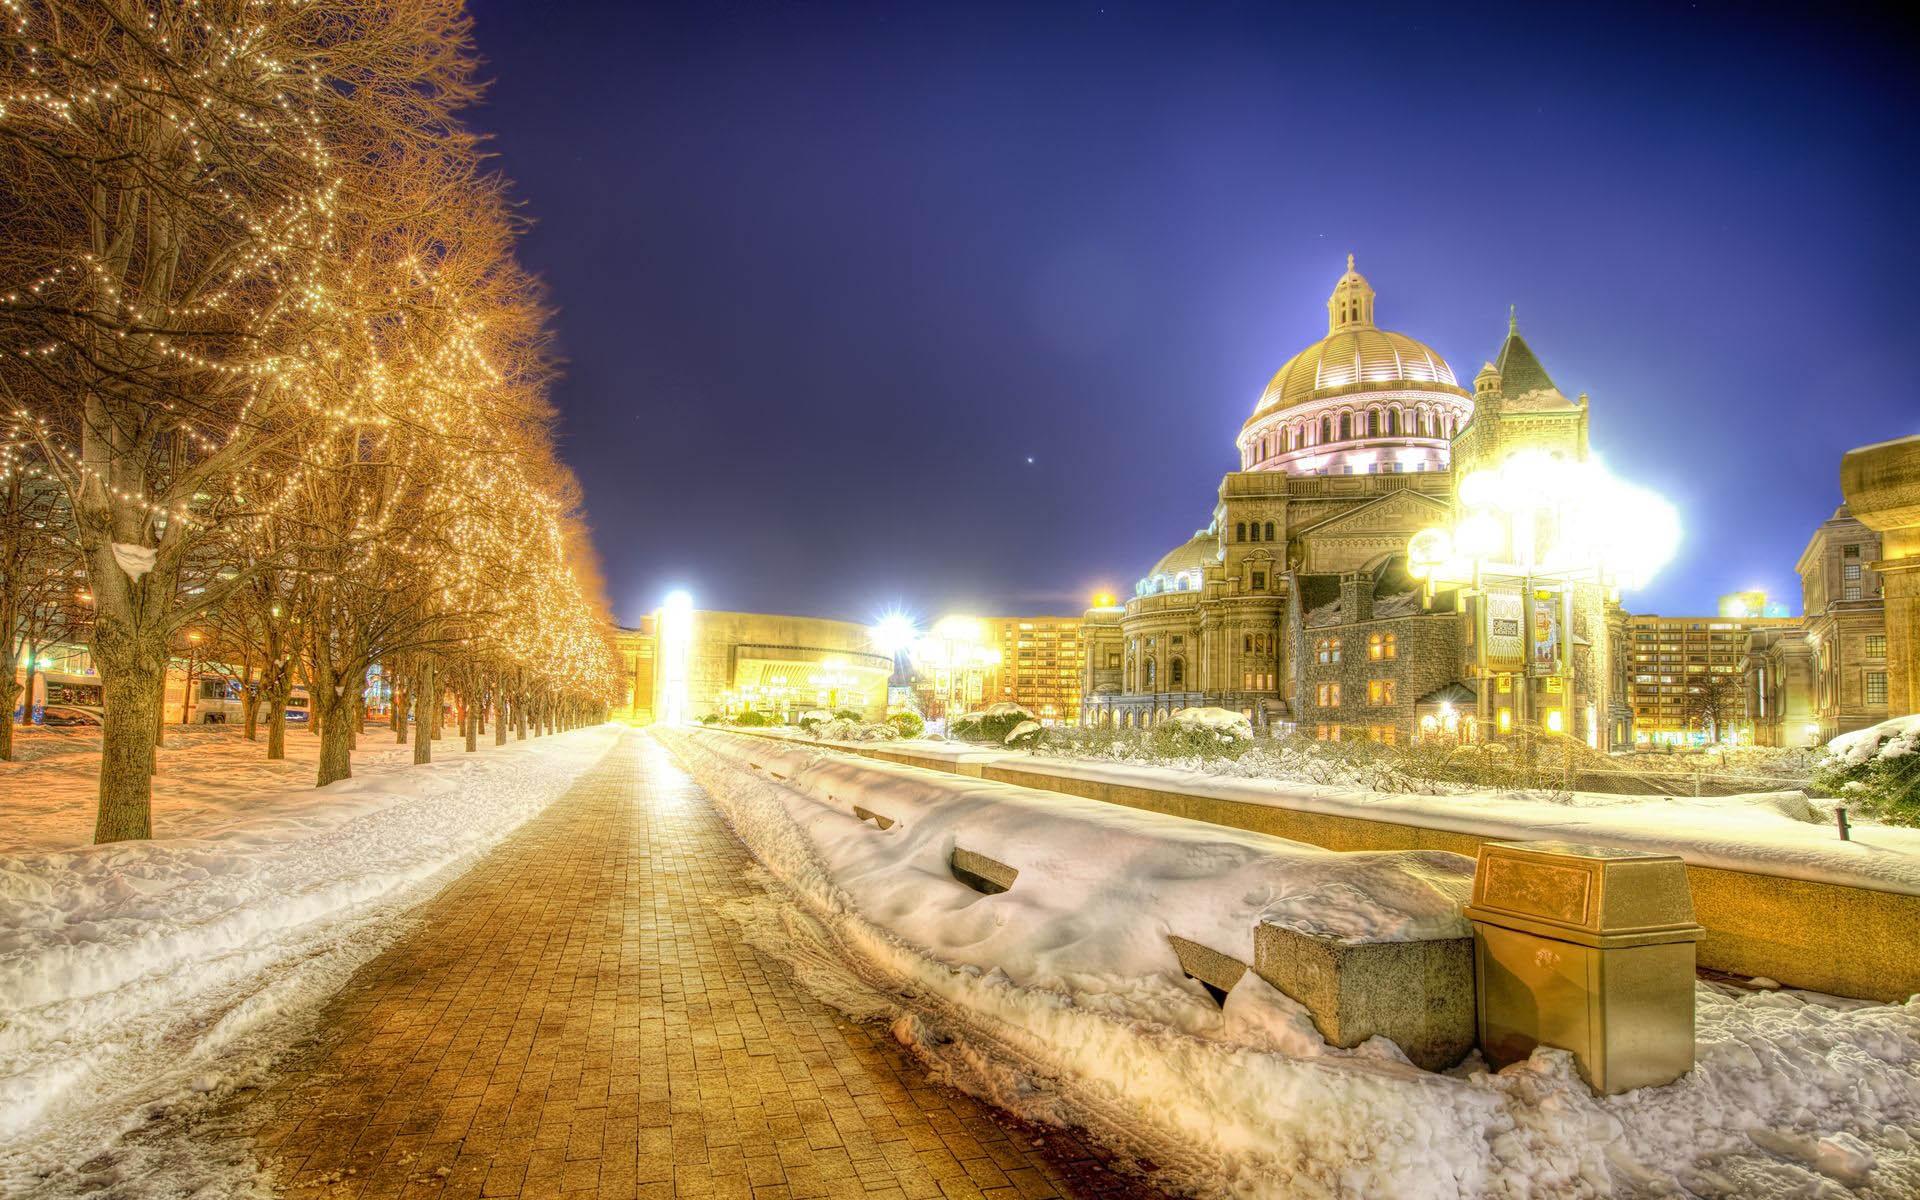 Картинка Улица в городе зимой Картинки Зима Бесплатные